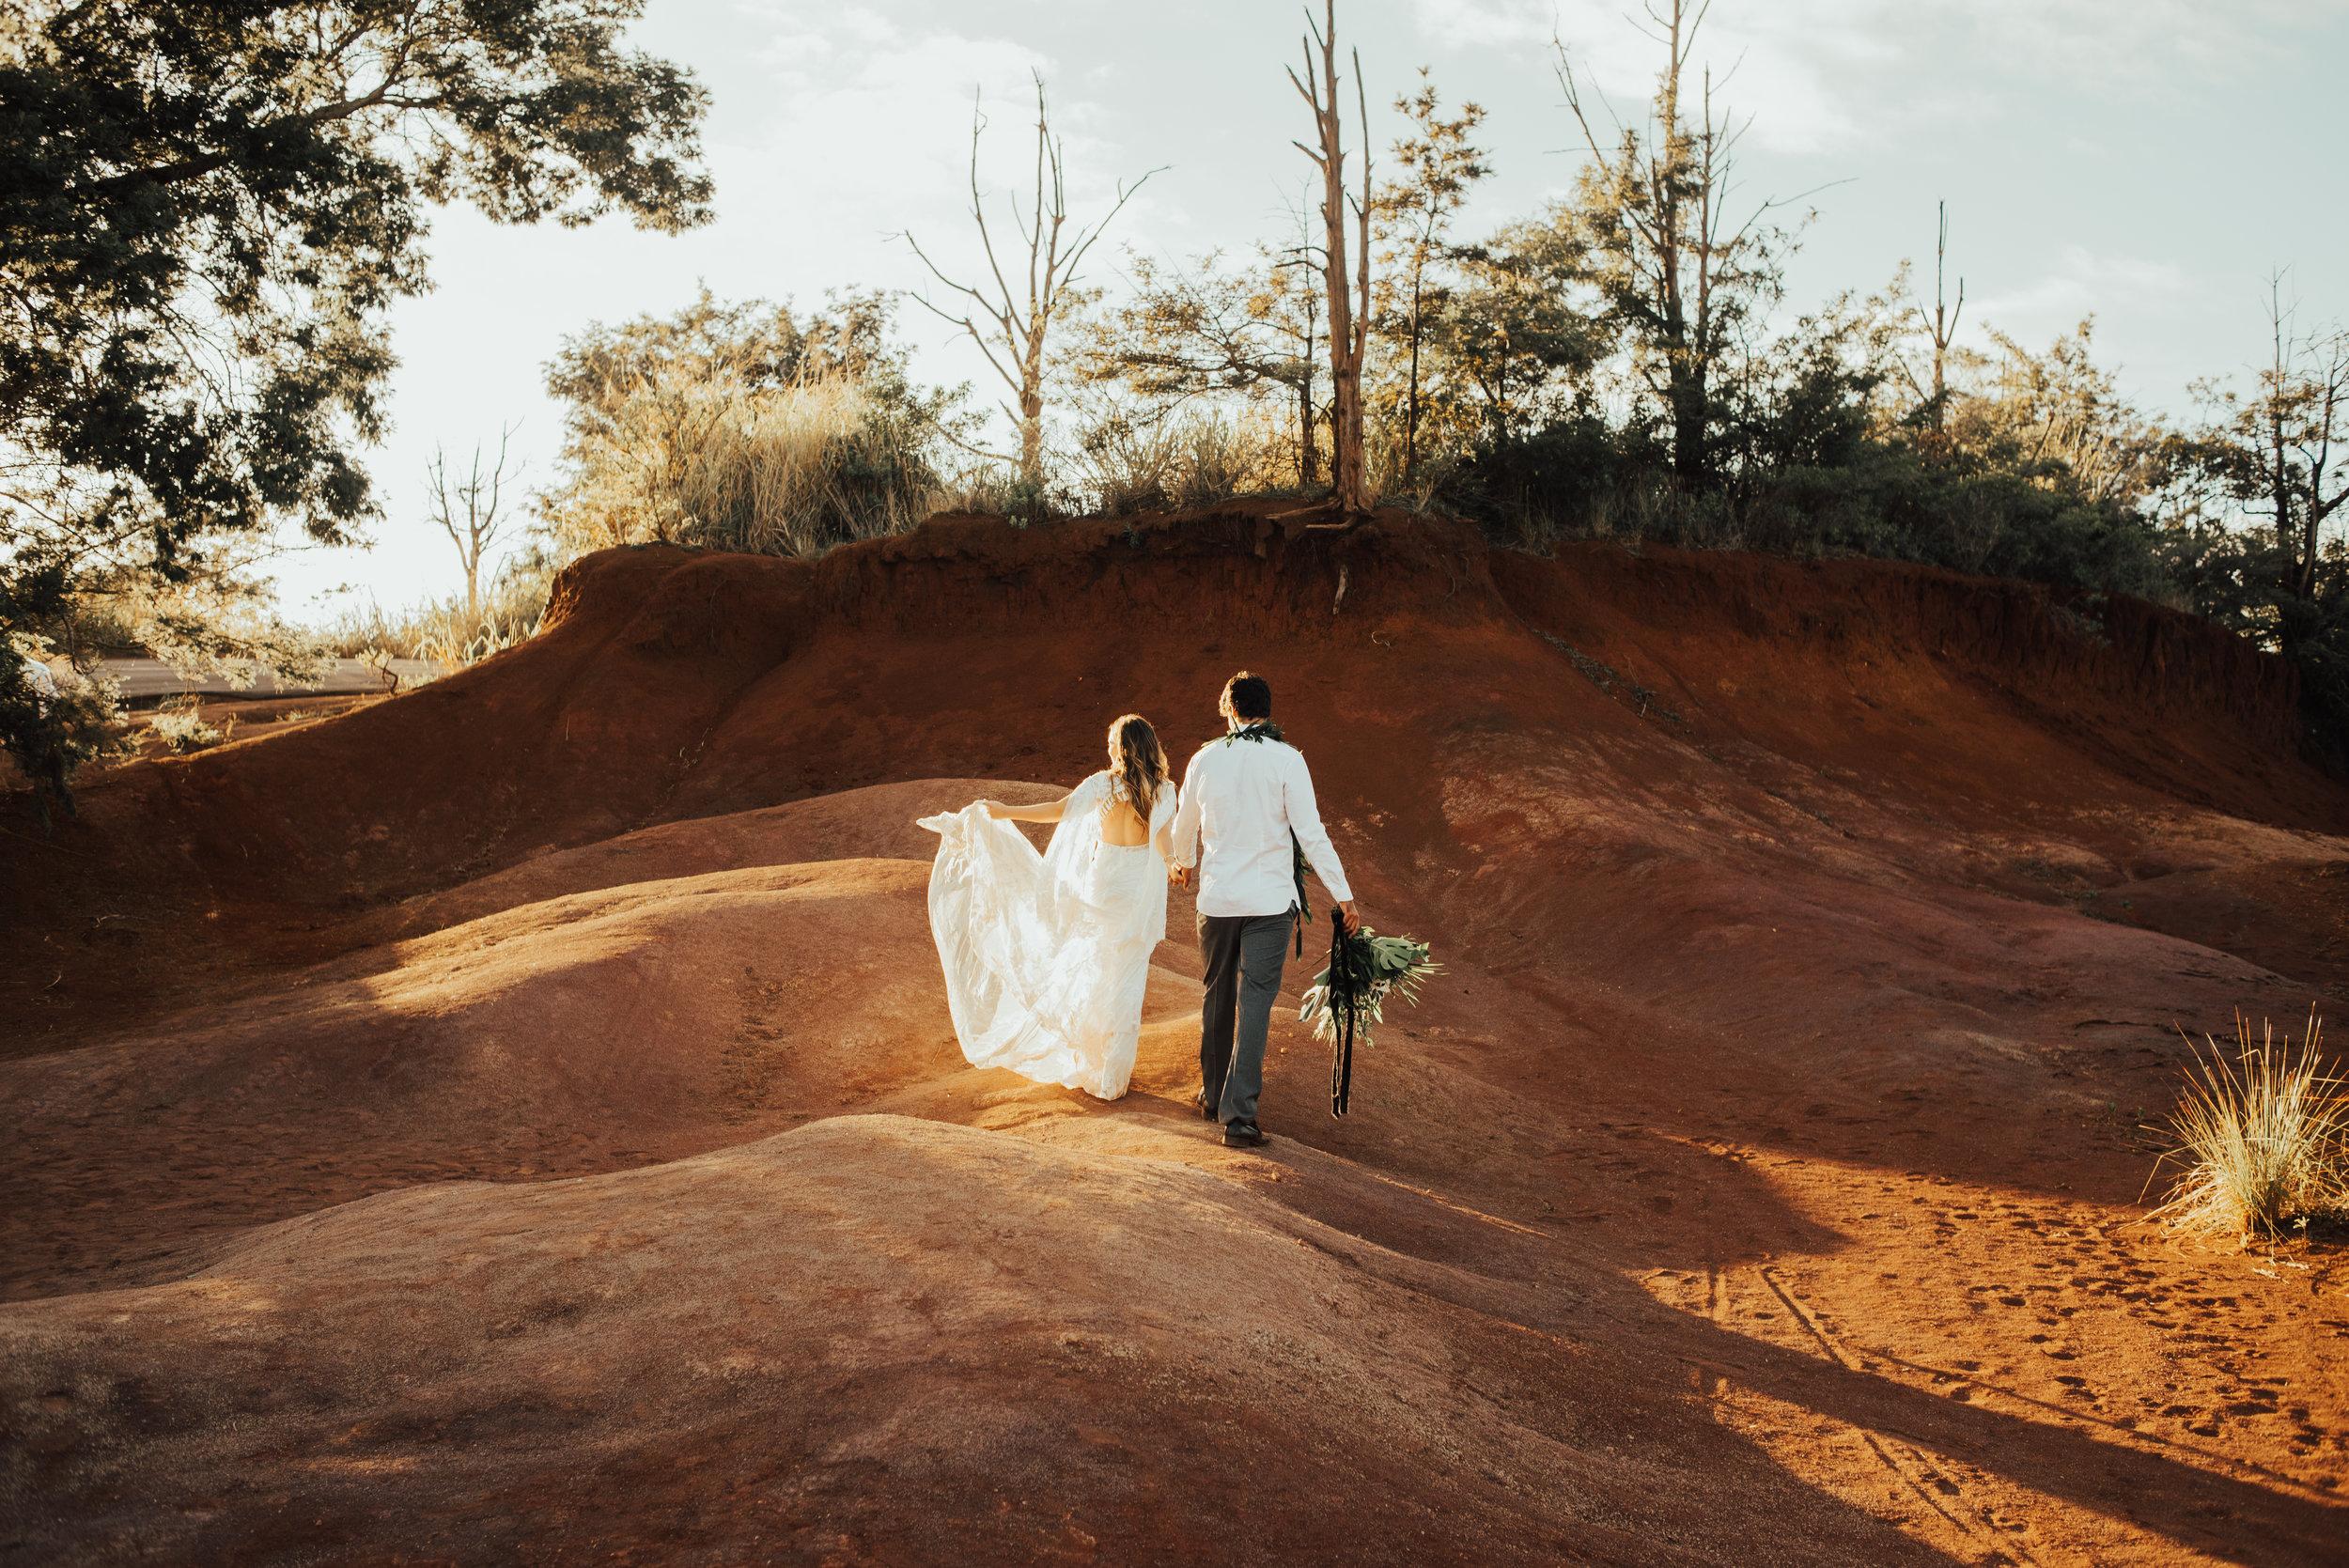 Waimea Canyon Elopement by SB Photographs01101001000111001110110110100100100001101001DSC_5928DSC_59280001101.jpg